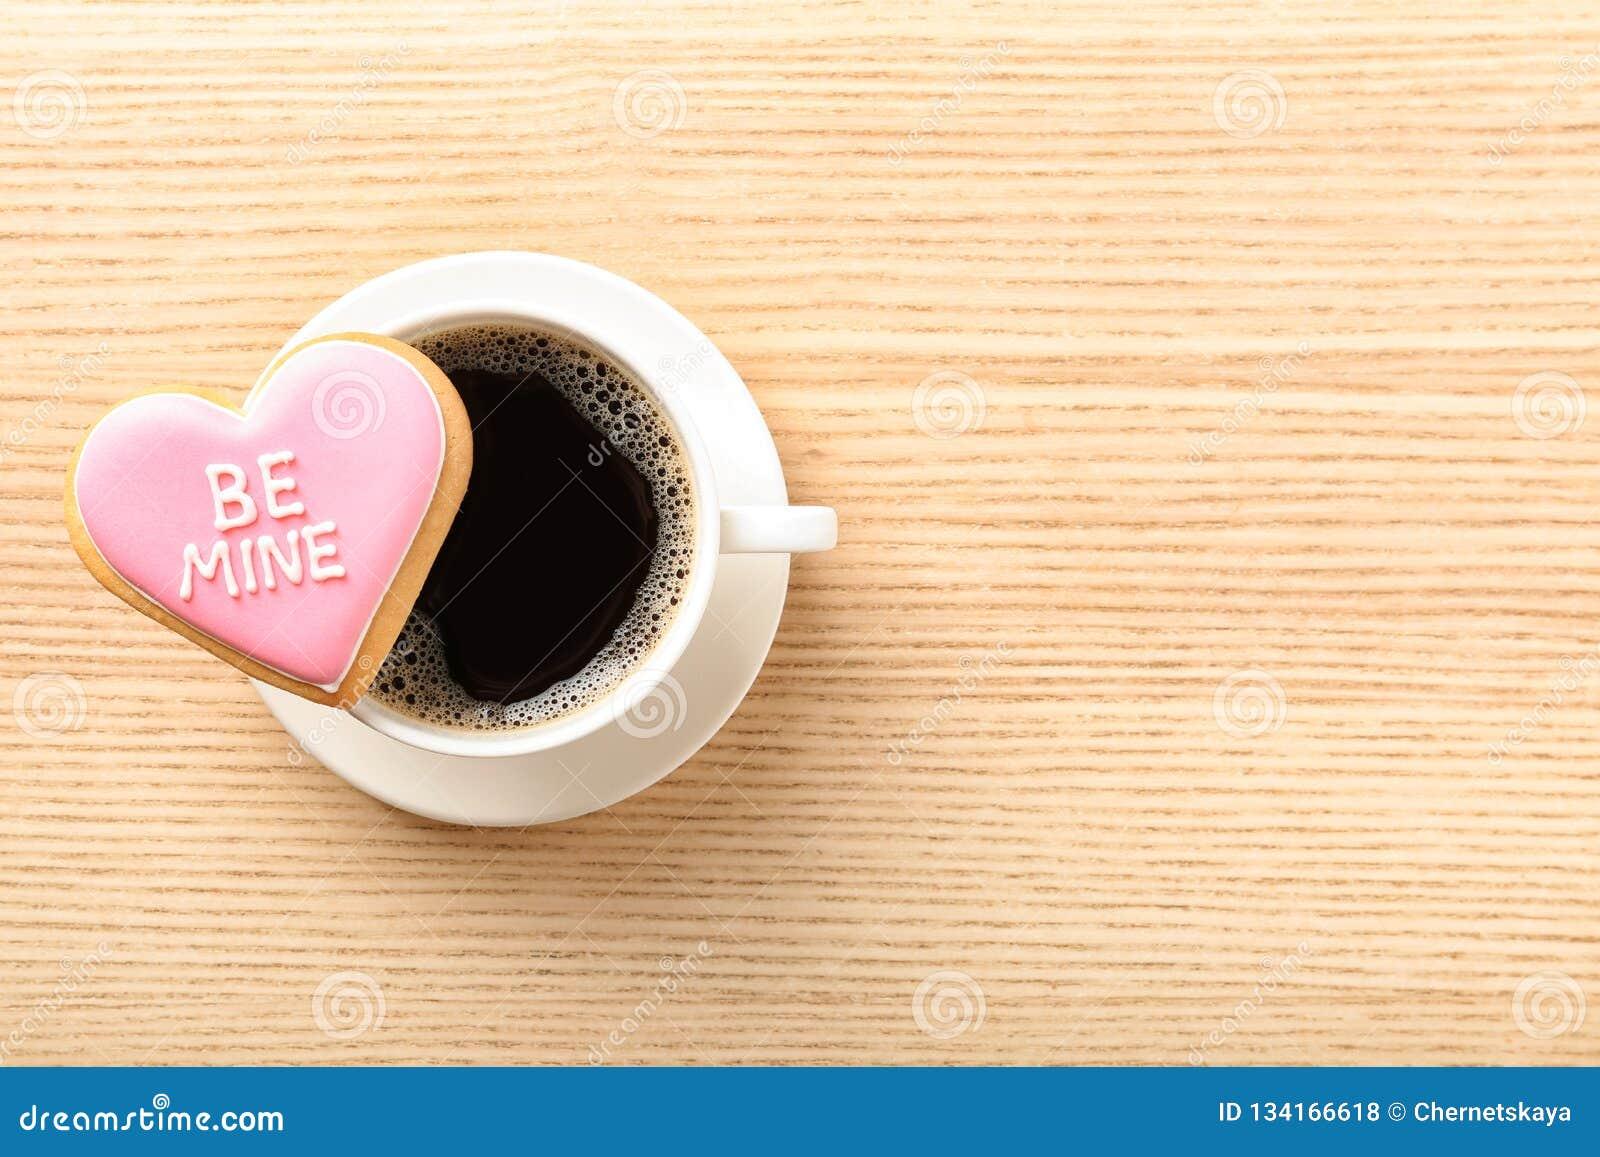 Den hjärta formade kakan med skriftligt uttryck är minen och koppen kaffe på träbakgrund, bästa sikt